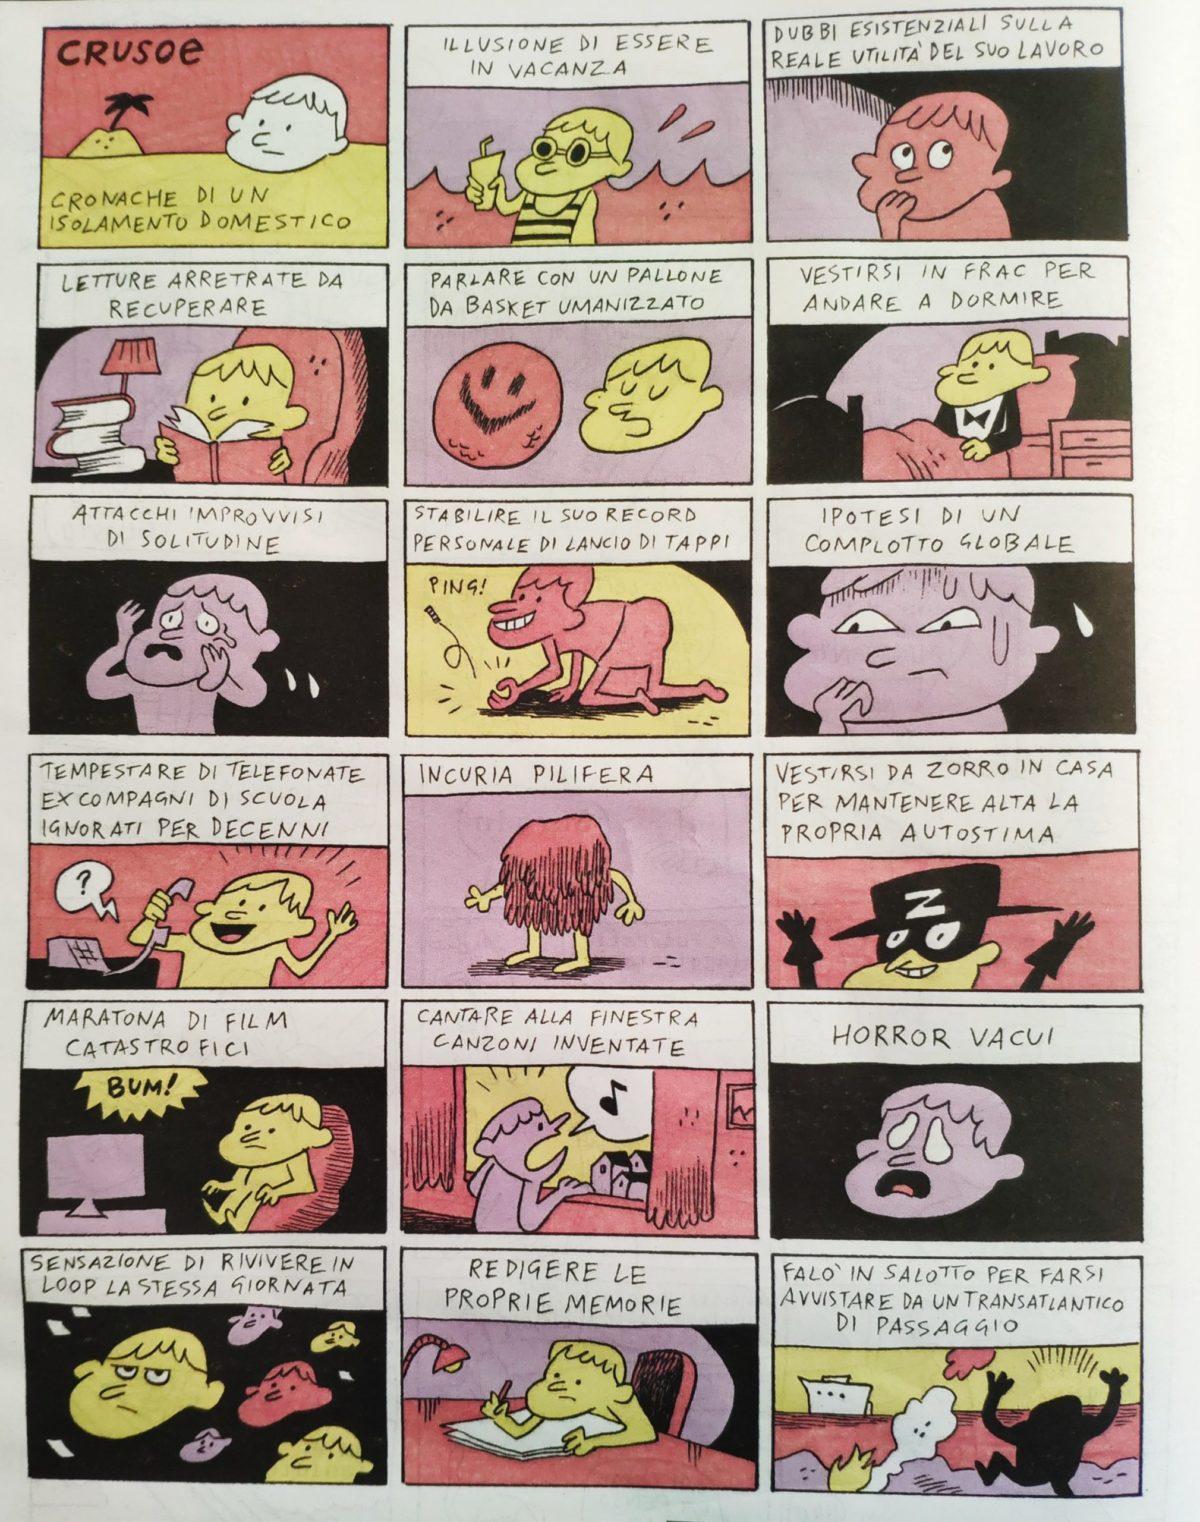 Mio caro fumetto.... - L'isolamento domestico causa coronavirus secondo Tuono Pettinato